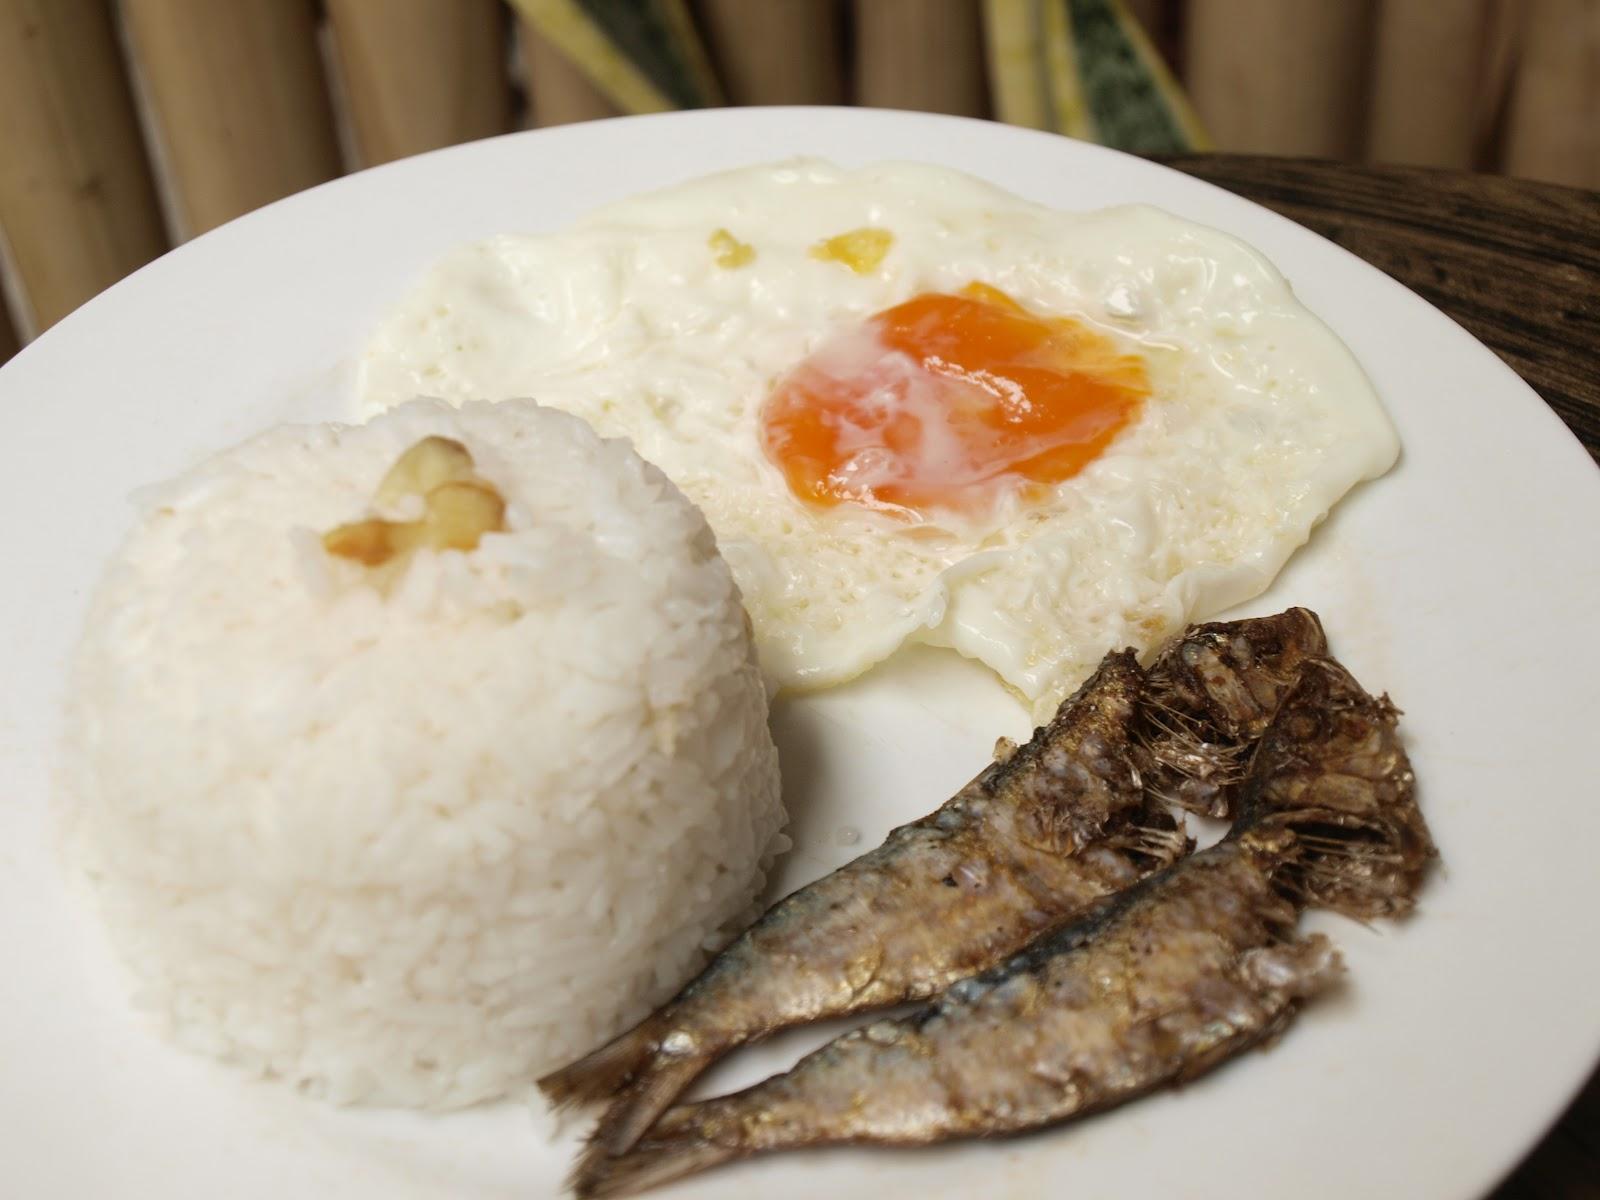 Tuyo and eggs